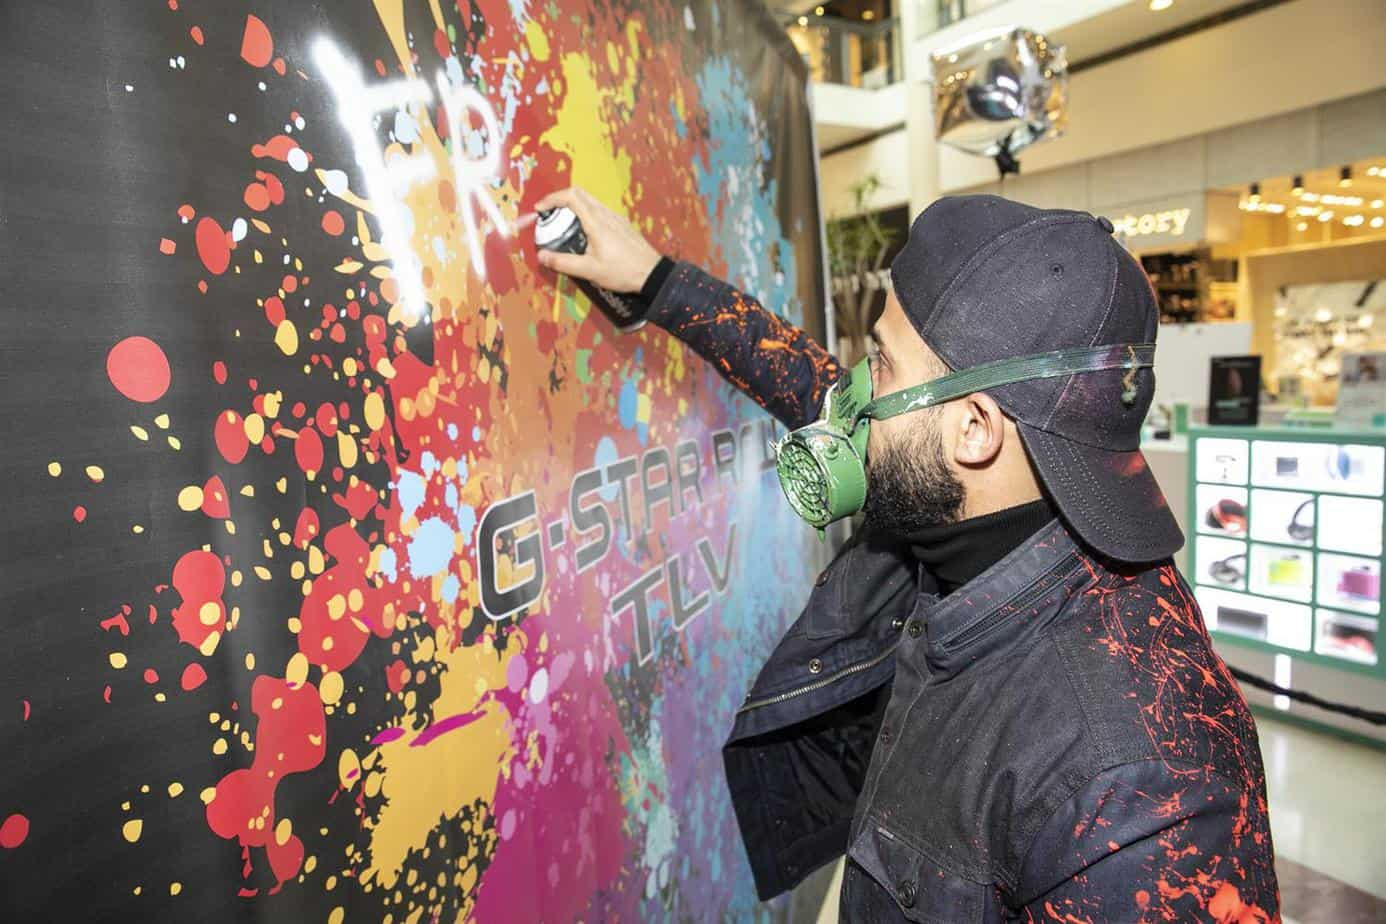 אליאור יוסף בפתיחת ג'י סטאר בקניון רמת אביב. צילום: לנס הפקות